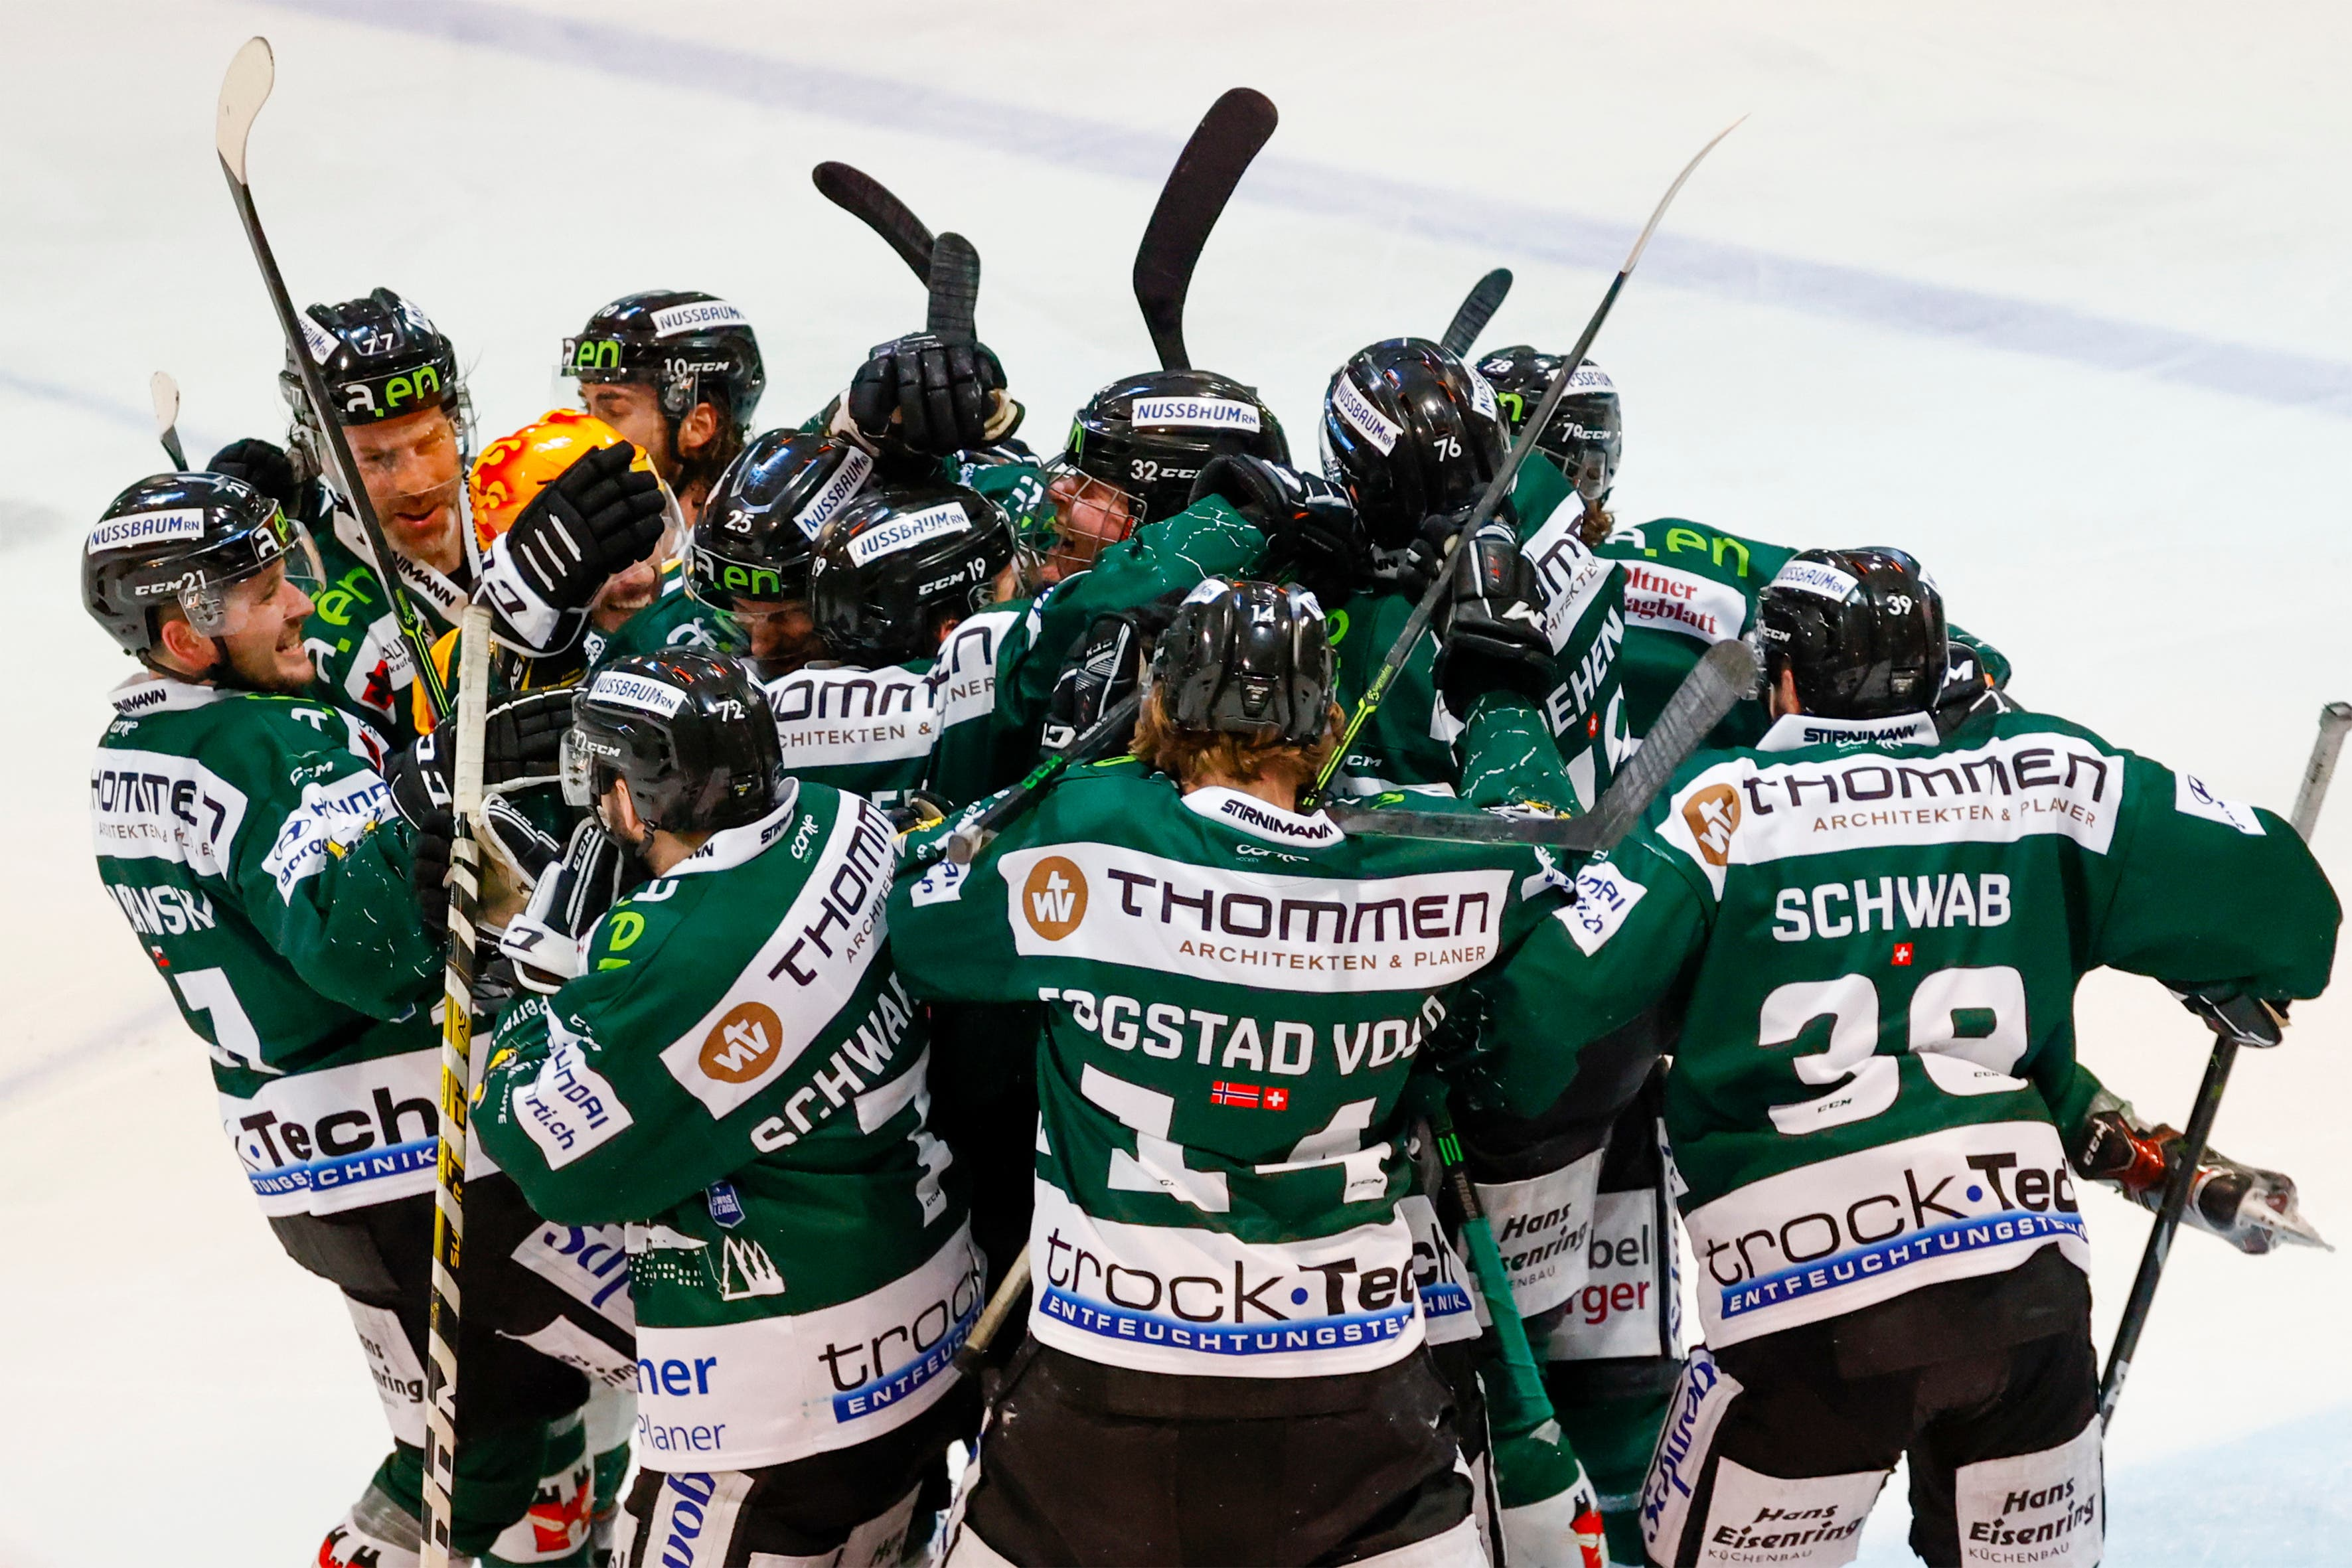 24.03.2021; Olten; Eishockey Swiss League Playoff 1/4 Final - EHC Olten - HC Sierre; Tor zum 6:5, der Torschuetze Dion Knelsen (Olten) und die Mannschaft jubelt  (Marc Schumacher/freshfocus)